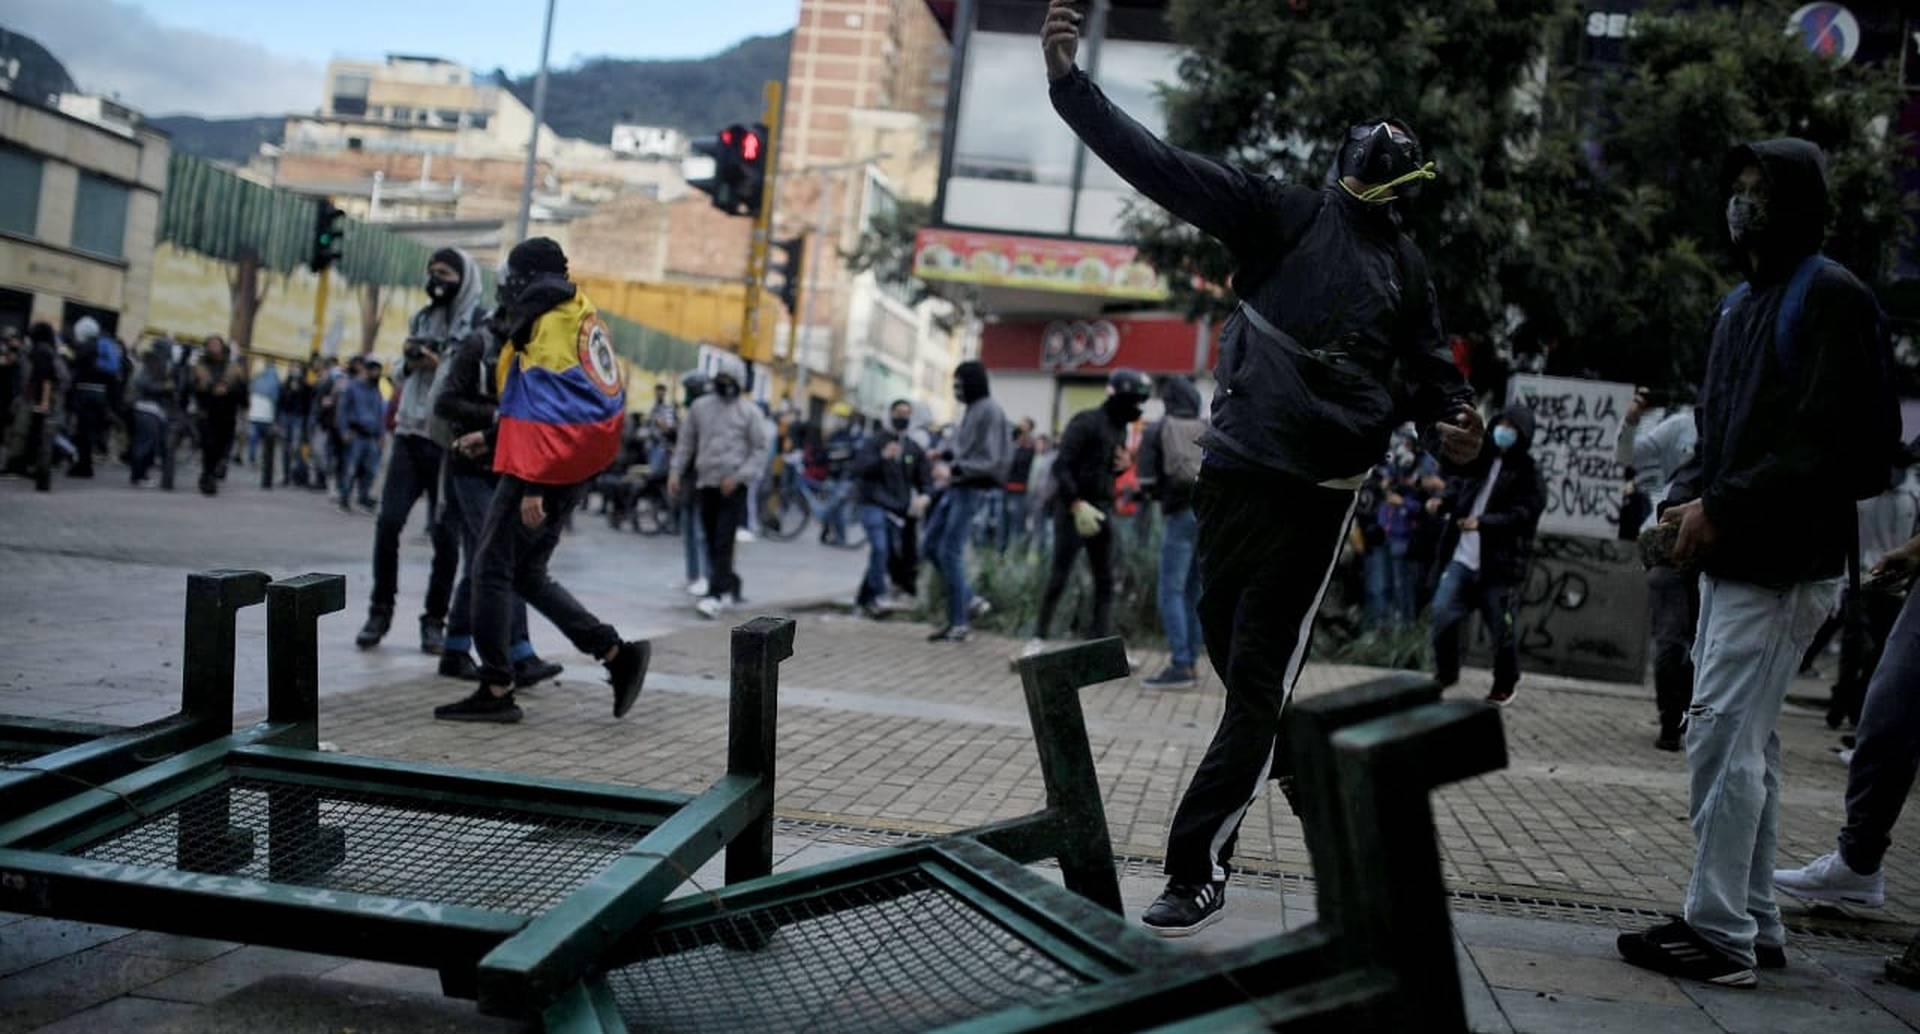 Paro 21 de septiembre plaza de bolivar